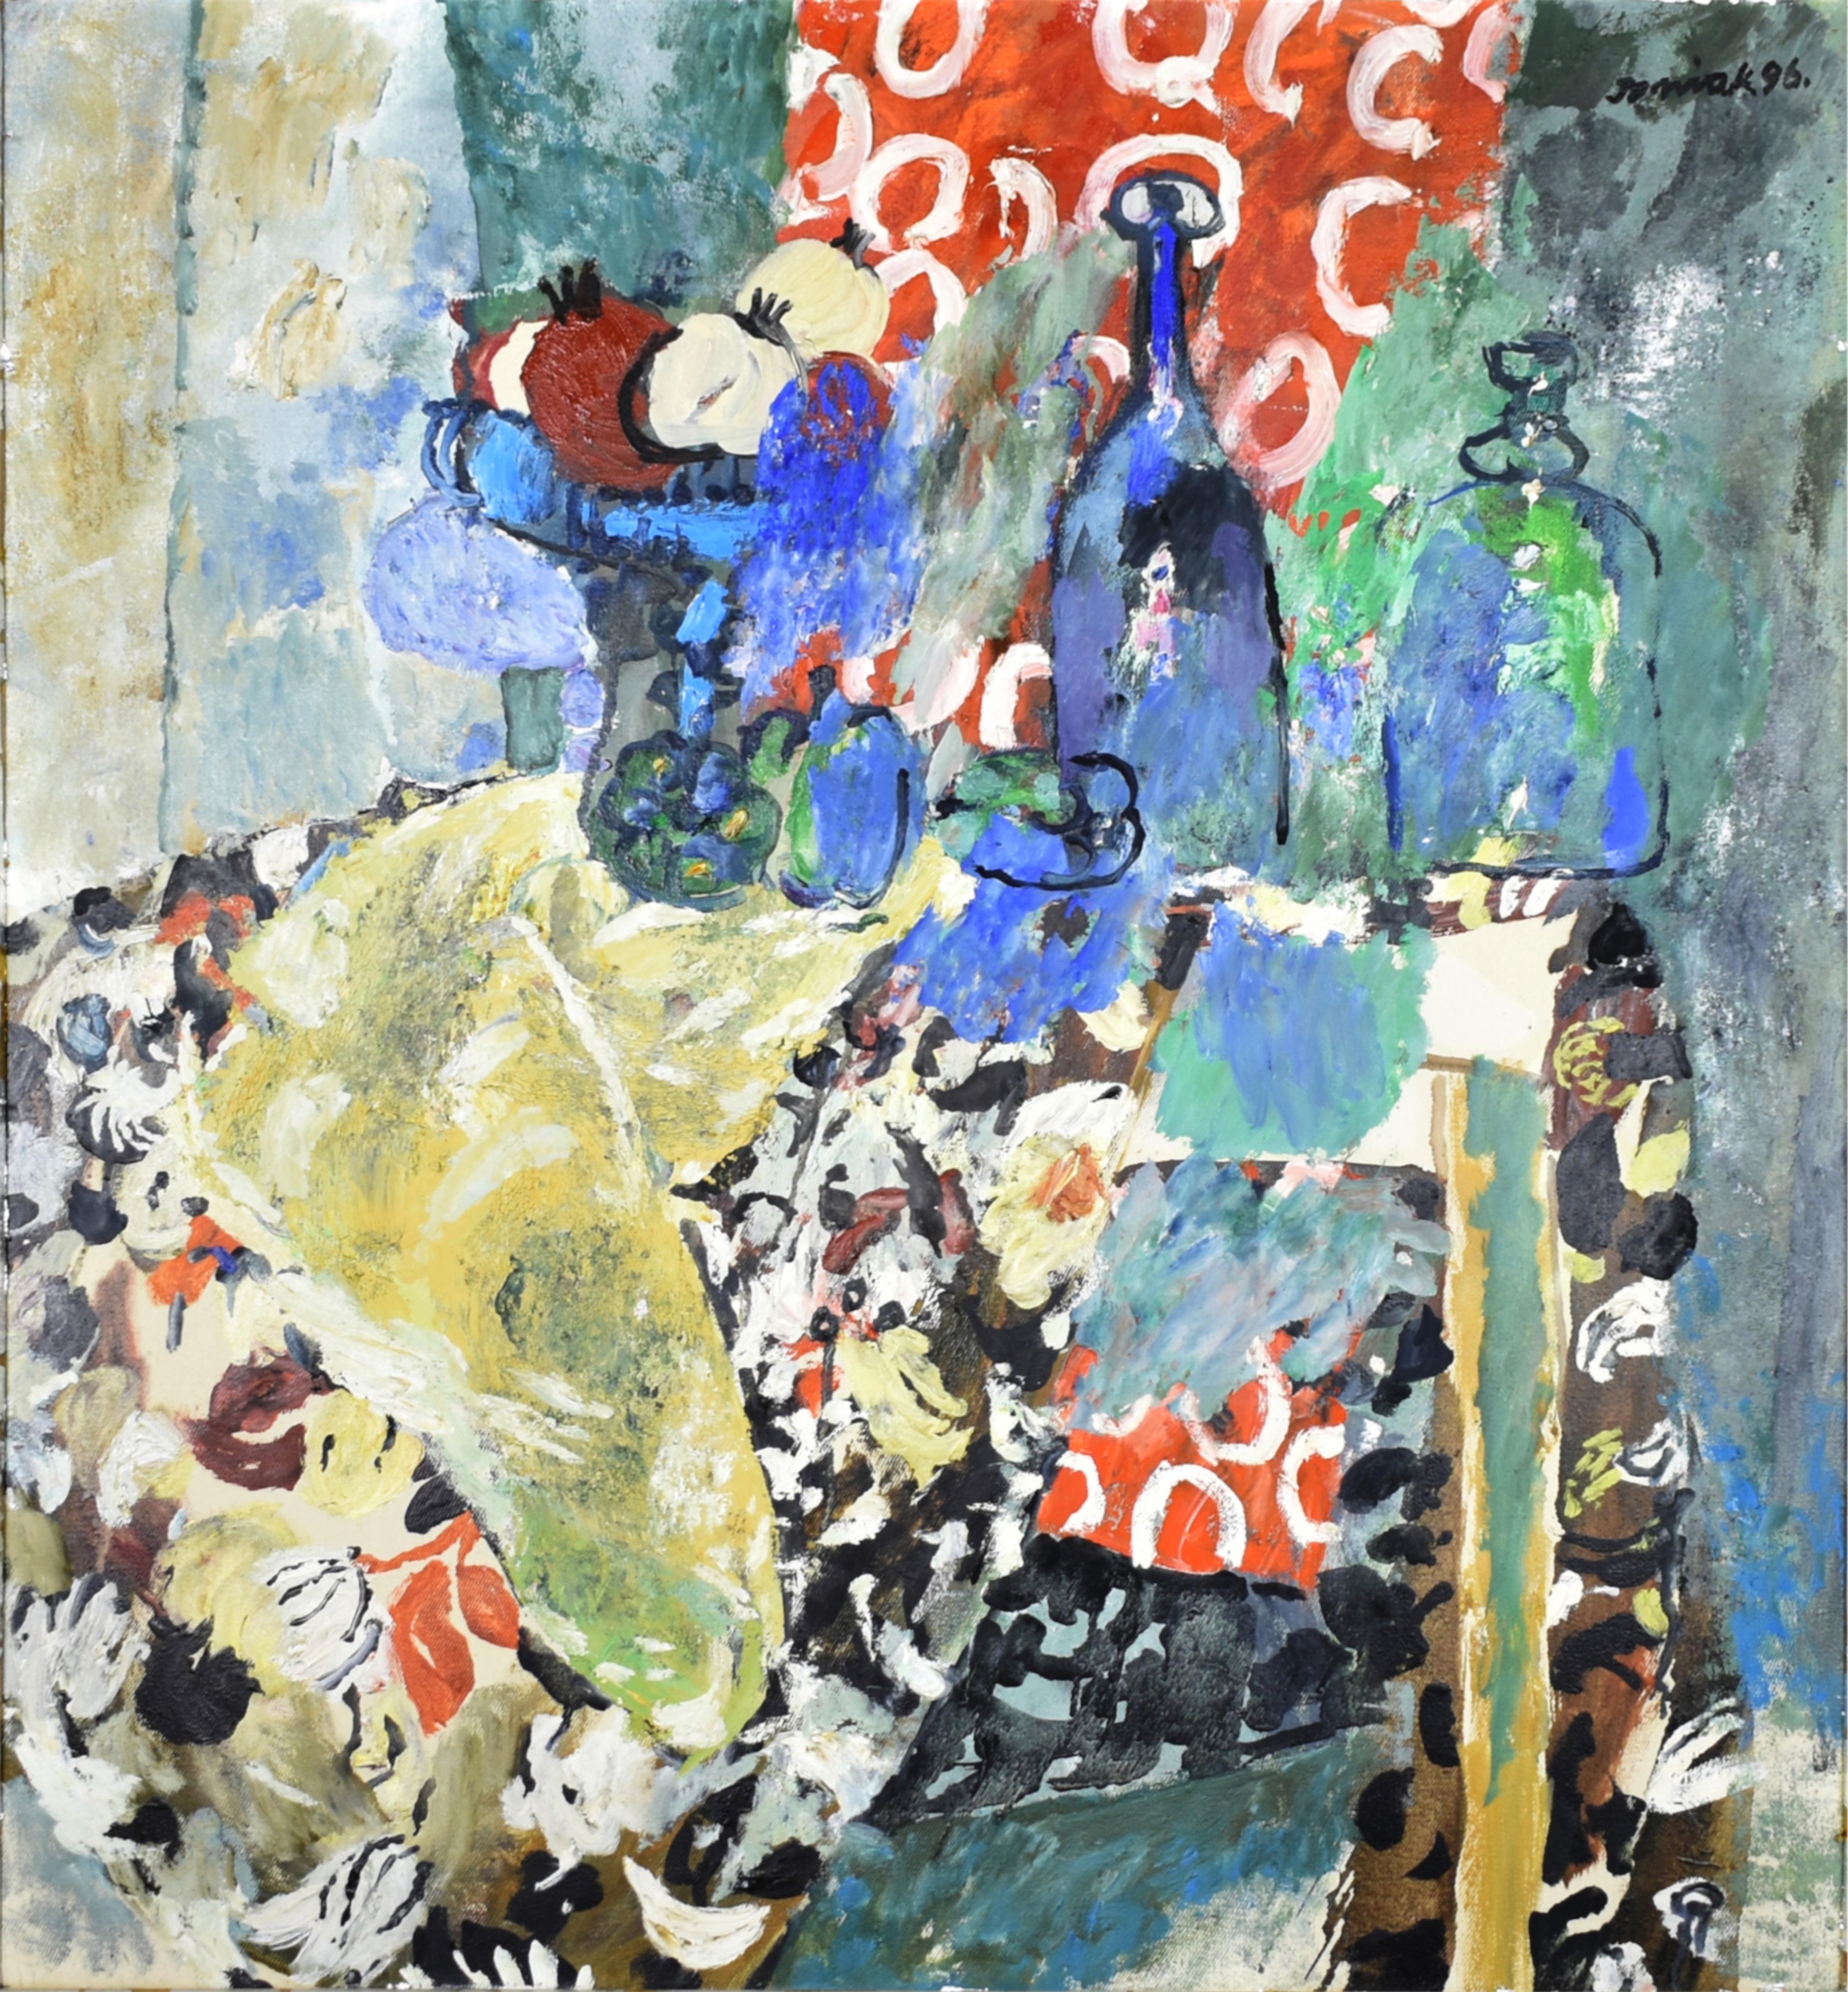 Martwa natura z żółtą draperią, 1996